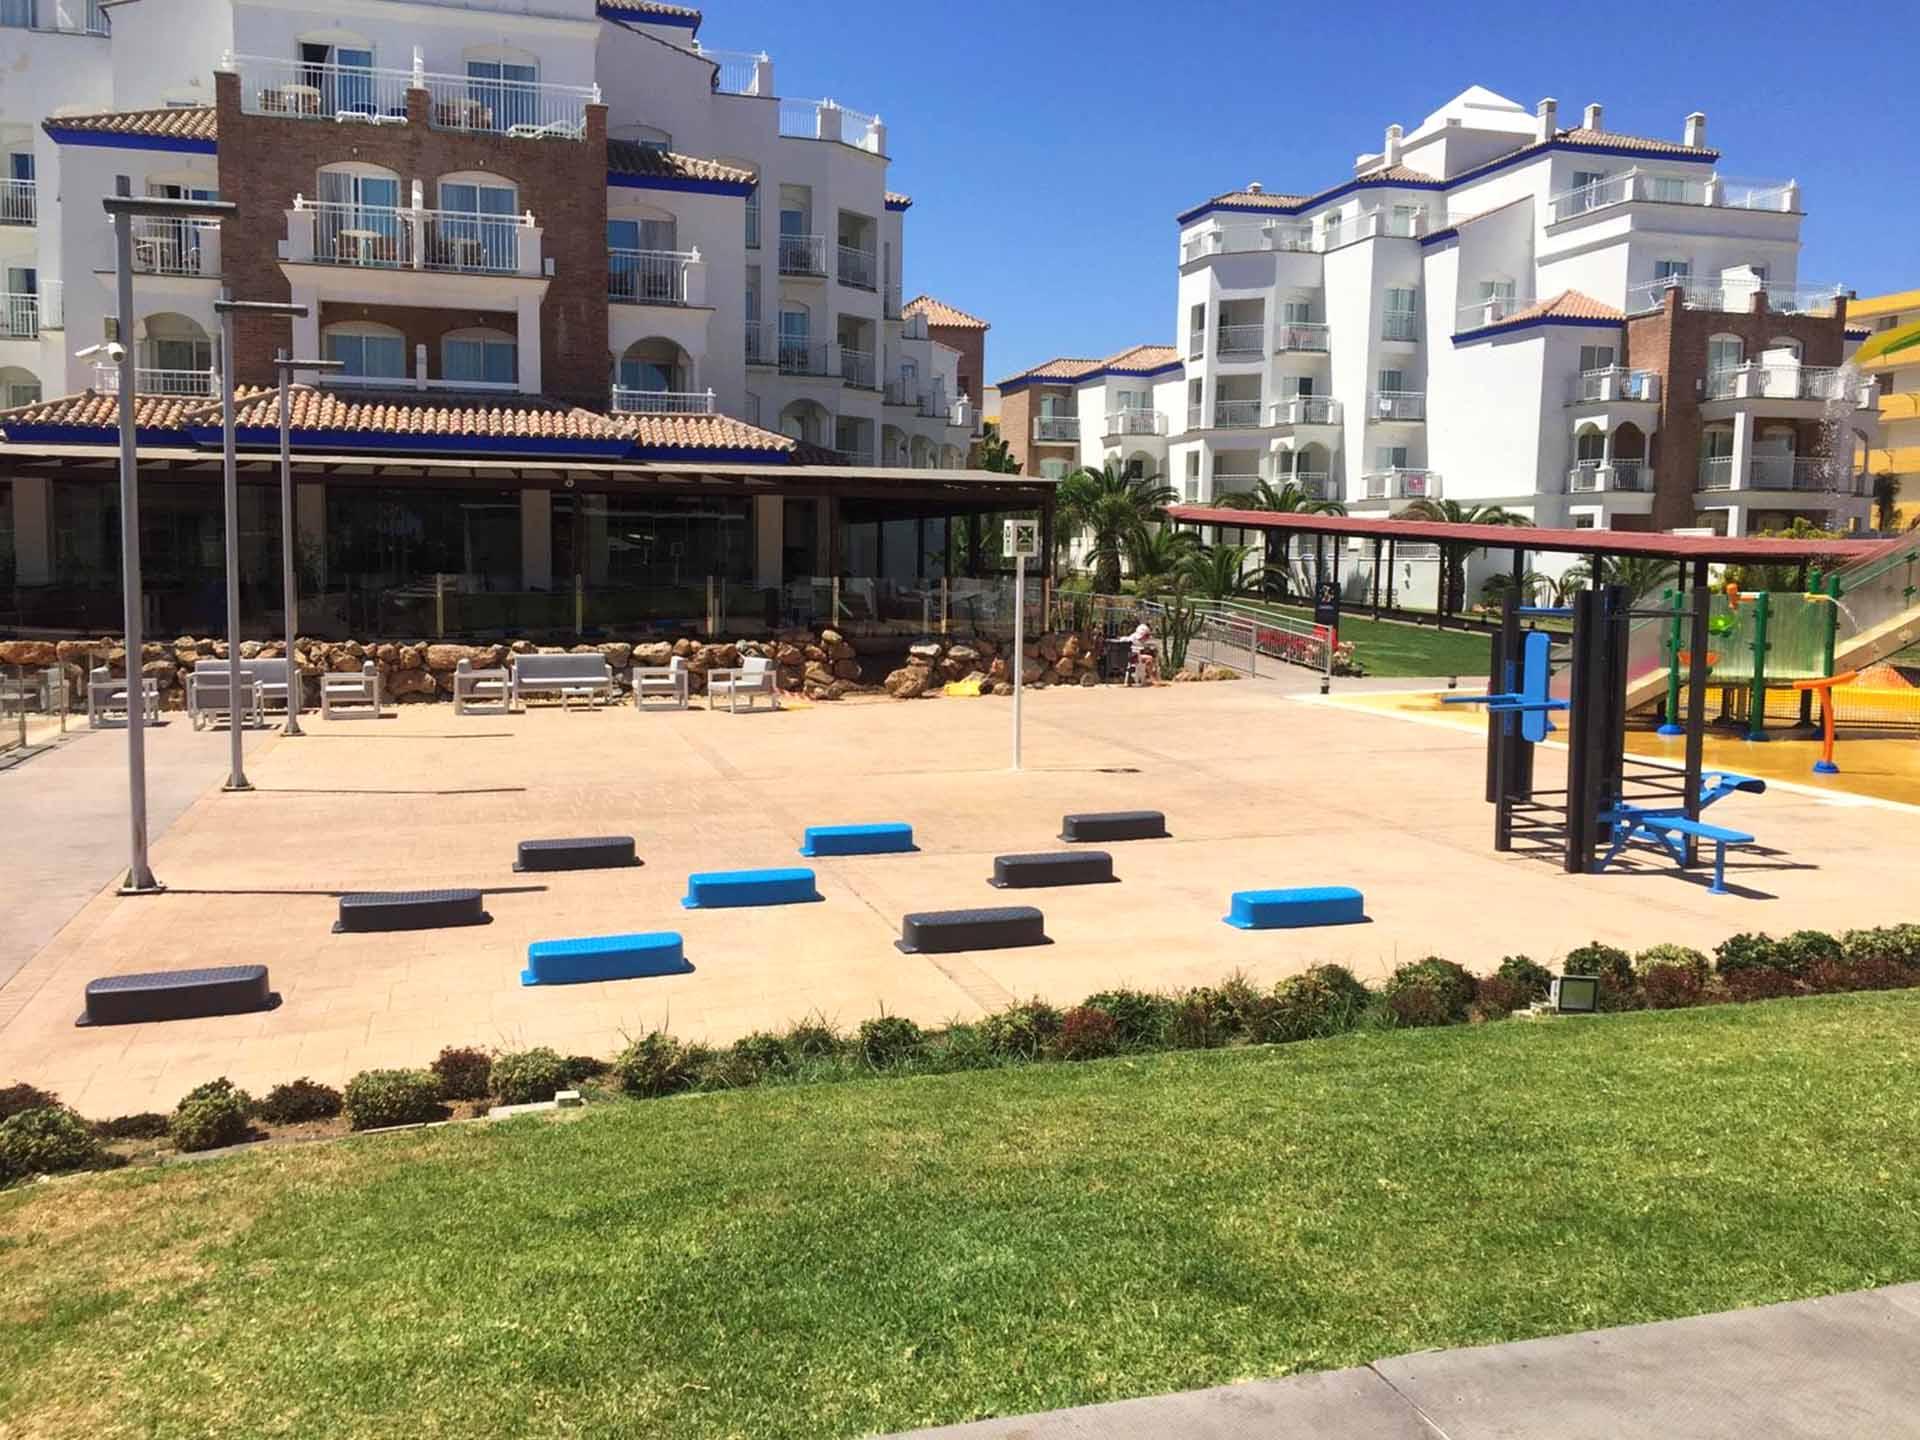 Photo du plateau sportif de l'Hôtel SMY Malaga